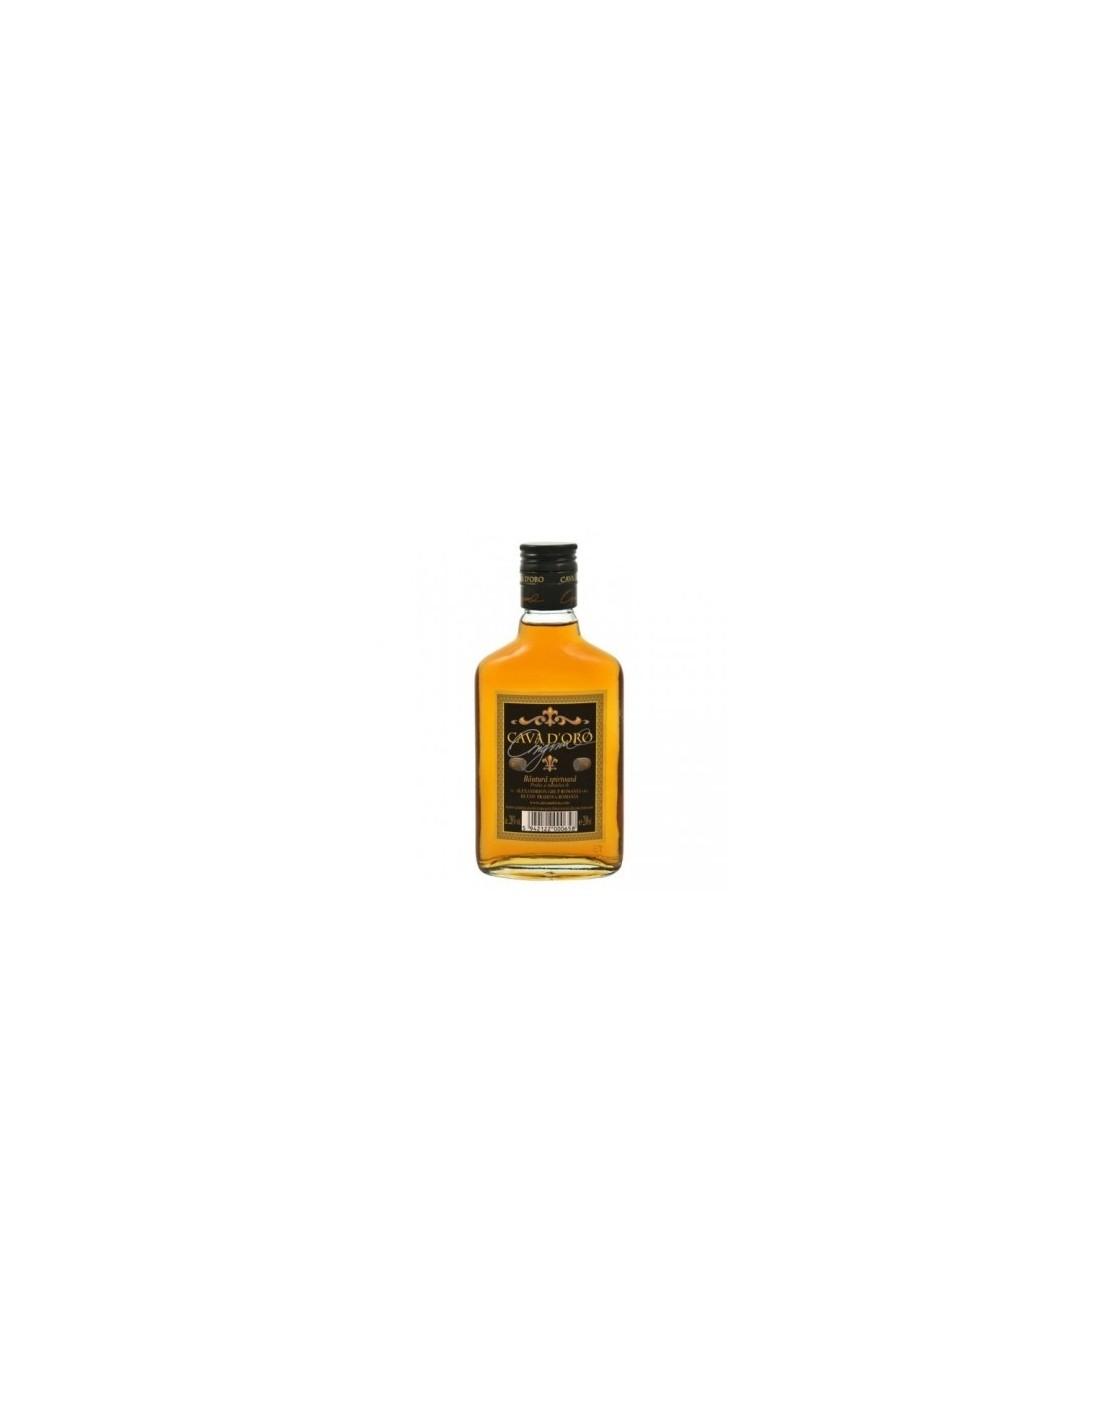 Brandy Cava Doro, 28% alc., 0.1L